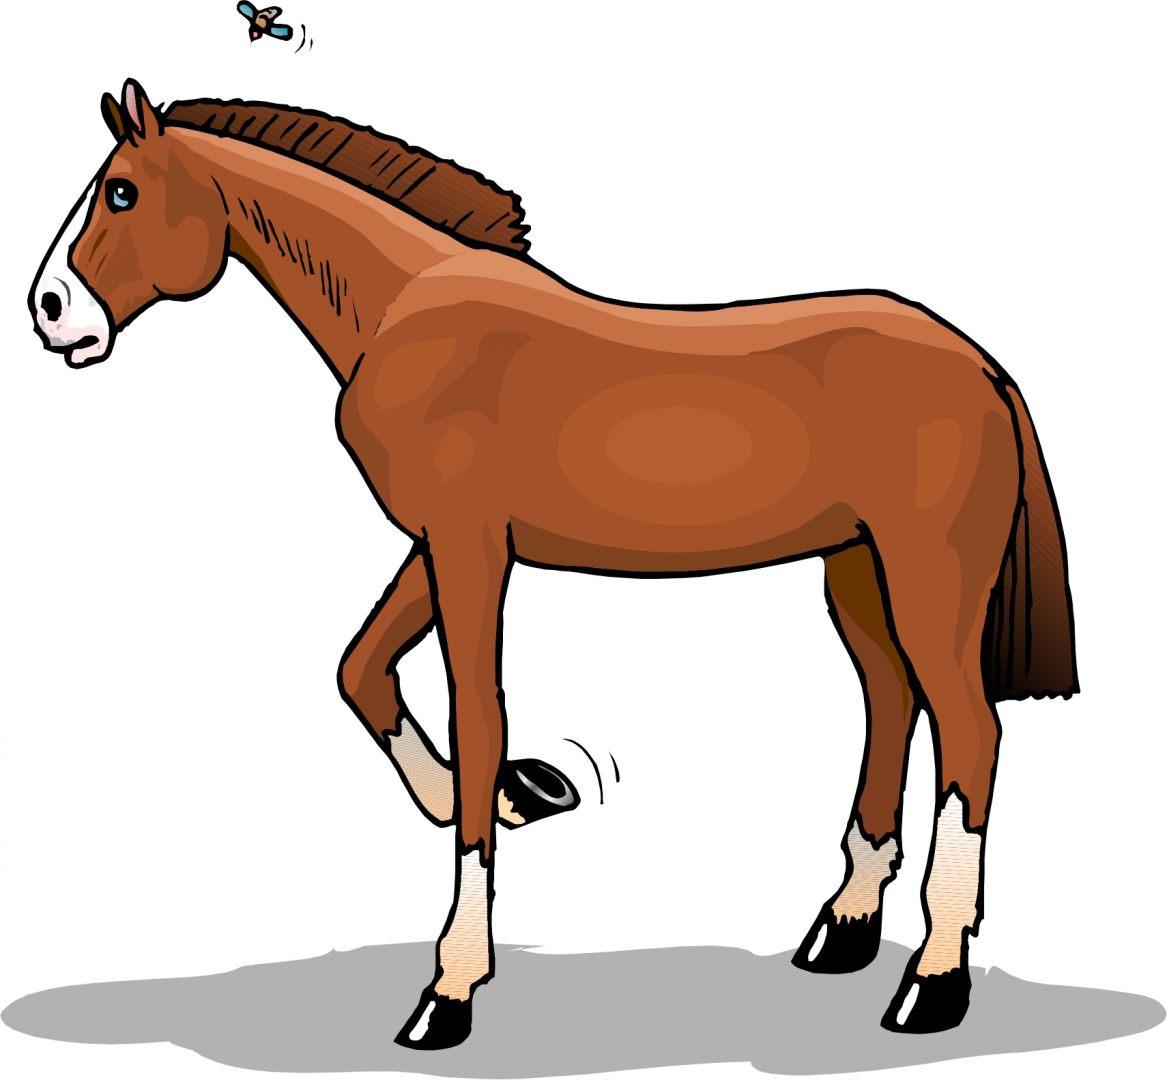 galeria de fotos e imagens desenhos de cavalos